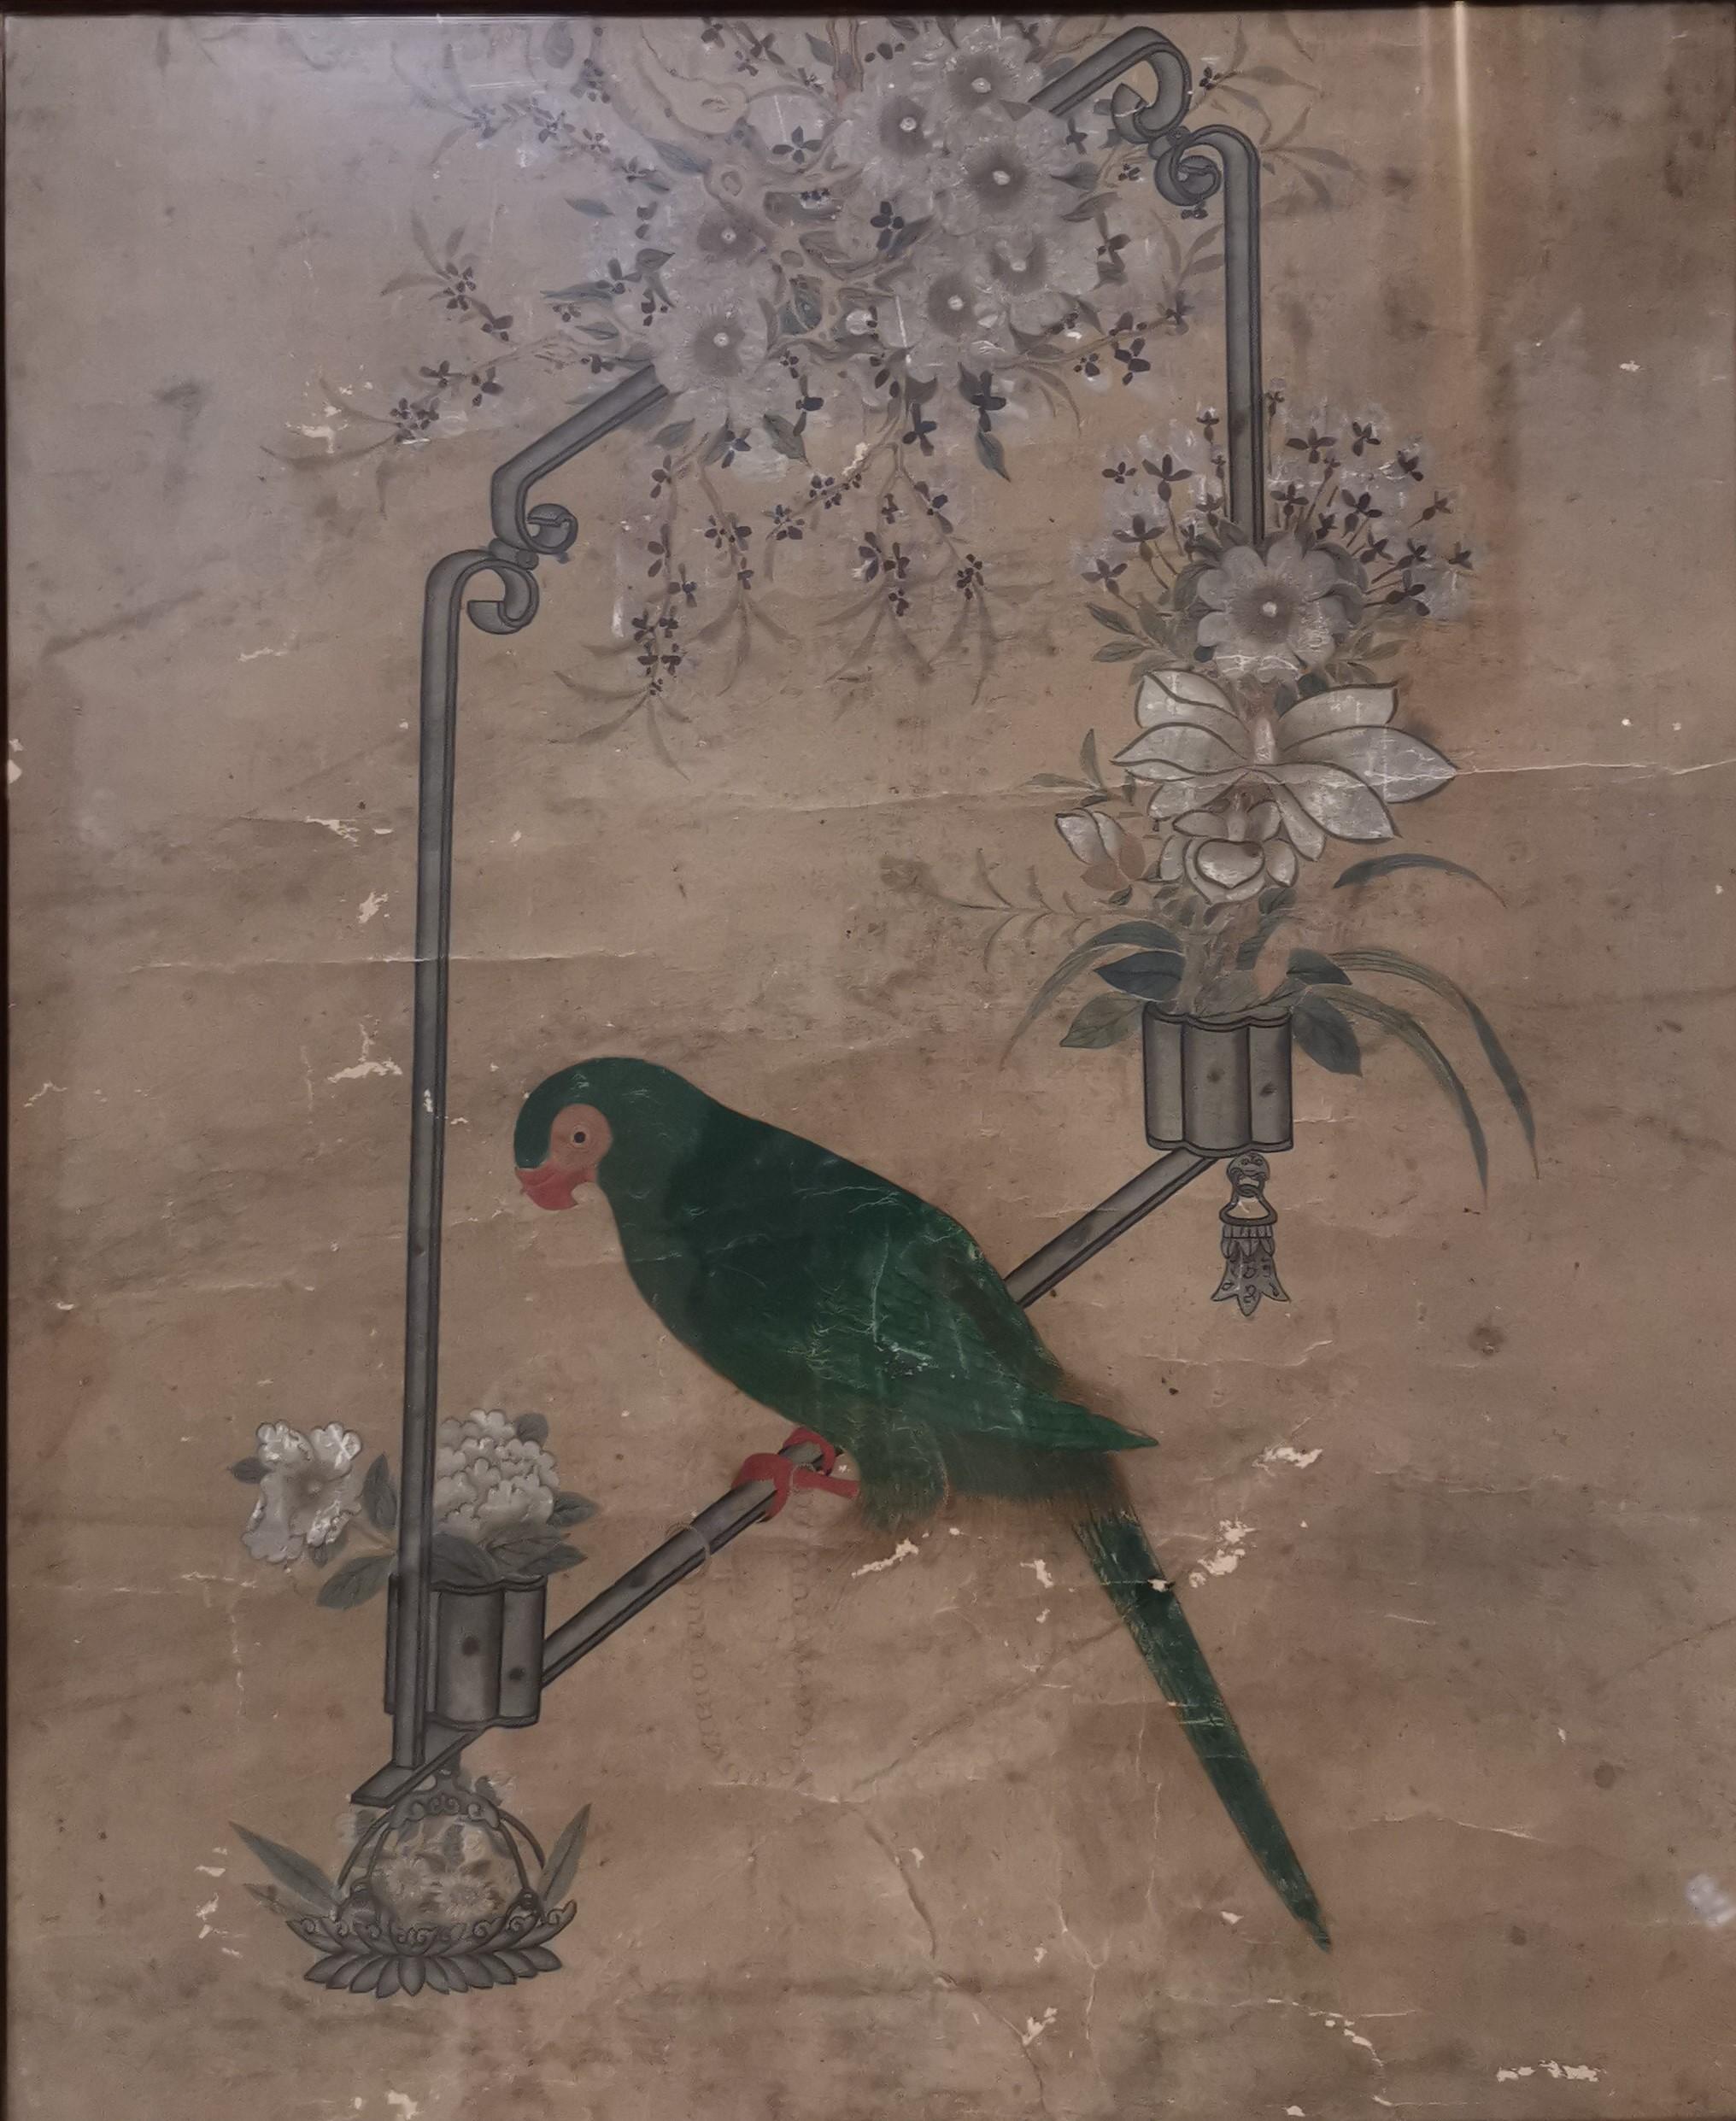 Lot 26 - Peinture à l'encre et couleur sur papier Chine, XVIIIème-XIXème siècle [...]